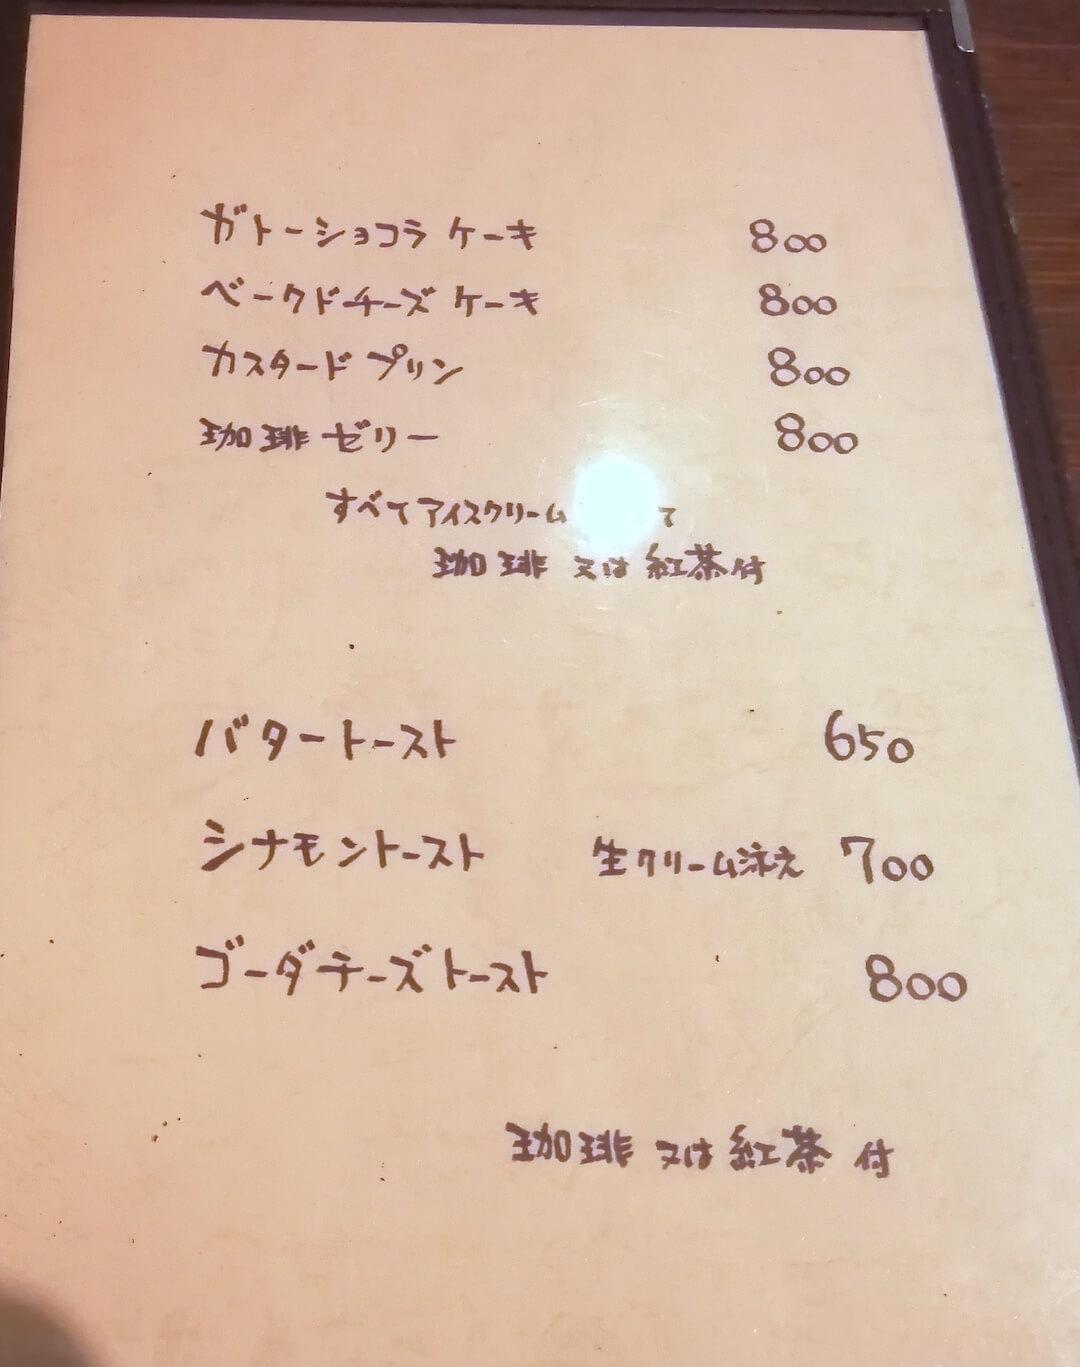 nanan 三重カフェ 四日市市 モーニング 喫茶